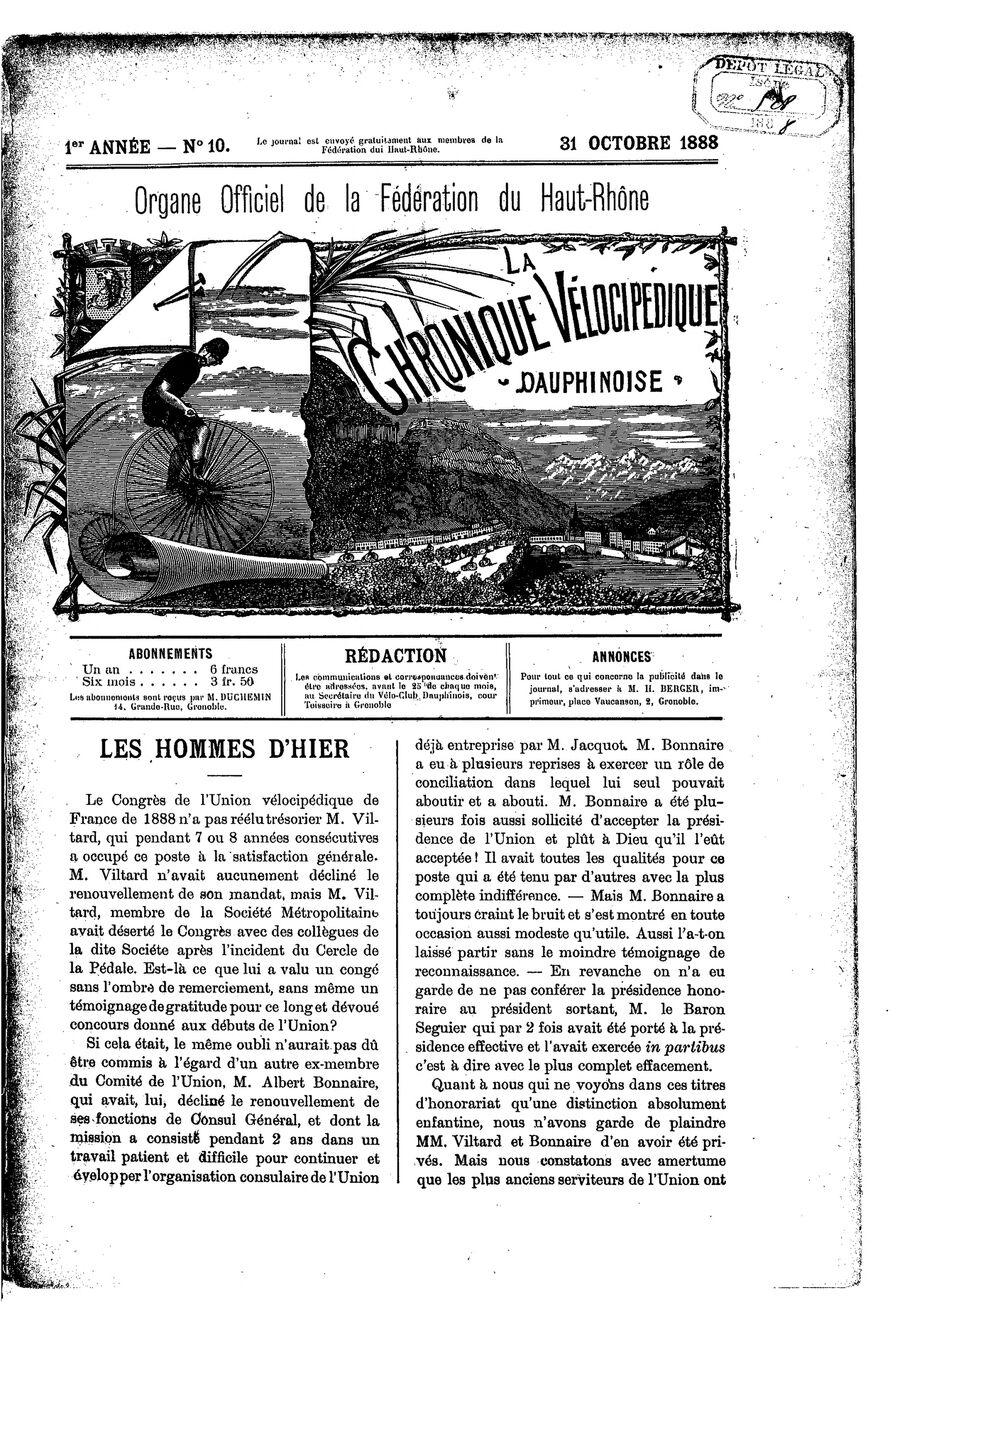 La Chronique vélocipédique dauphinoise / l'imprimeur-gérant b : H. Berger - 31 octobre 1888